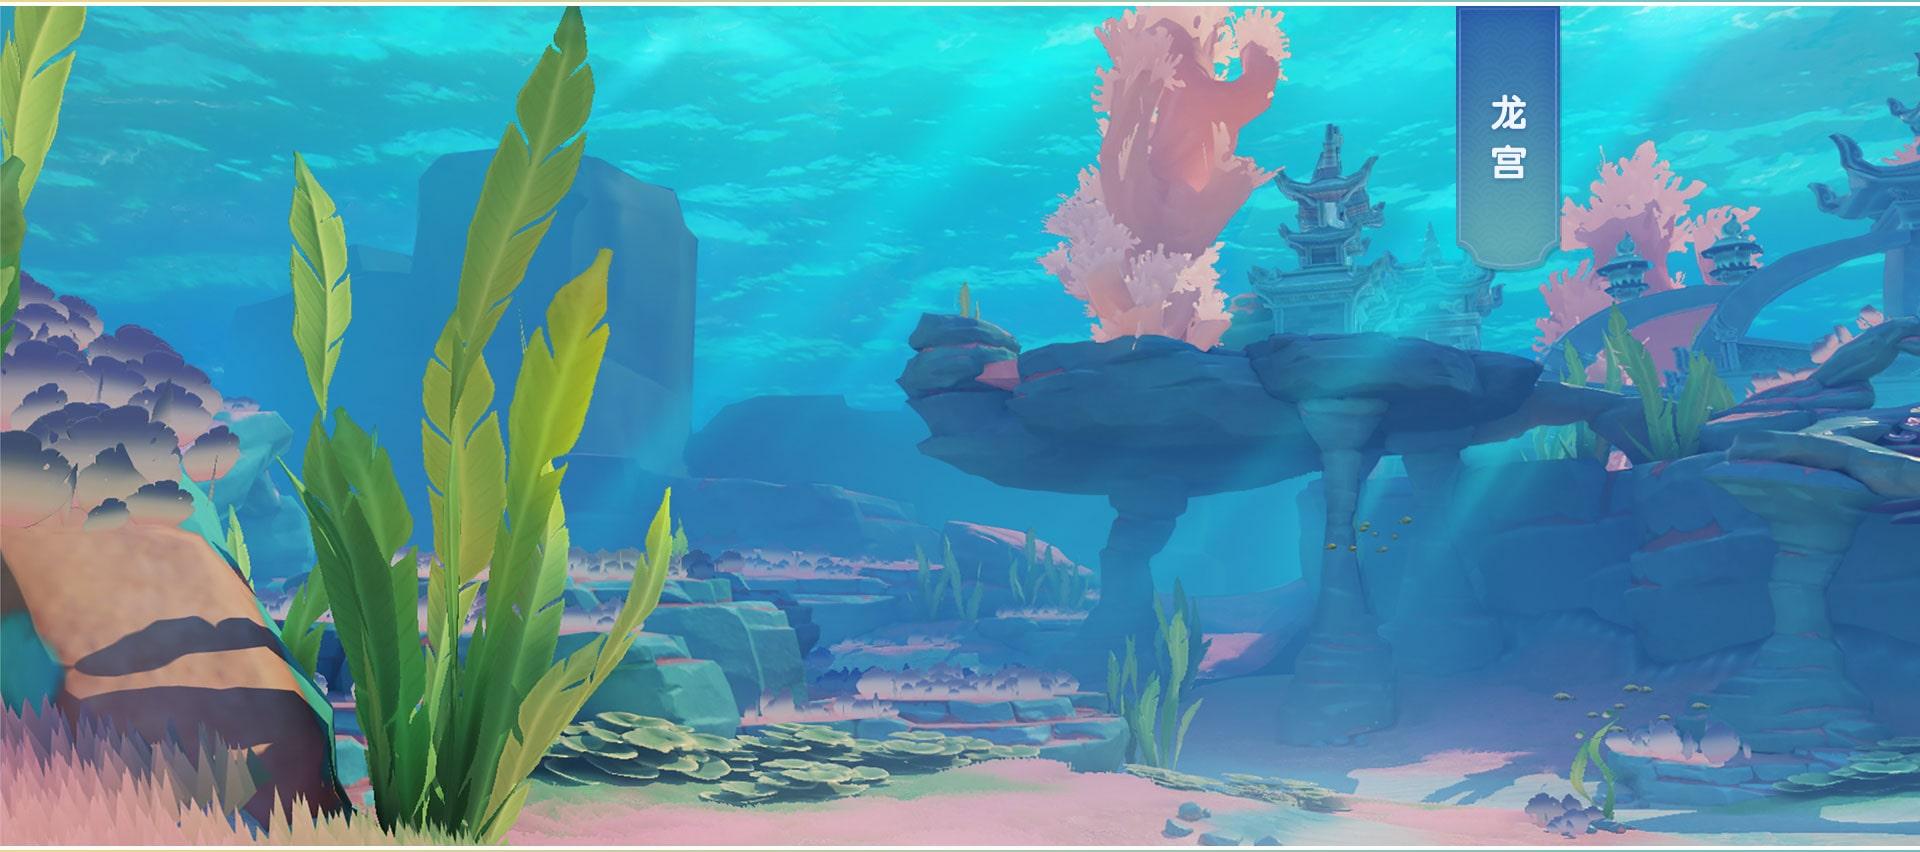 梦幻西游3d测试版第1张预览图